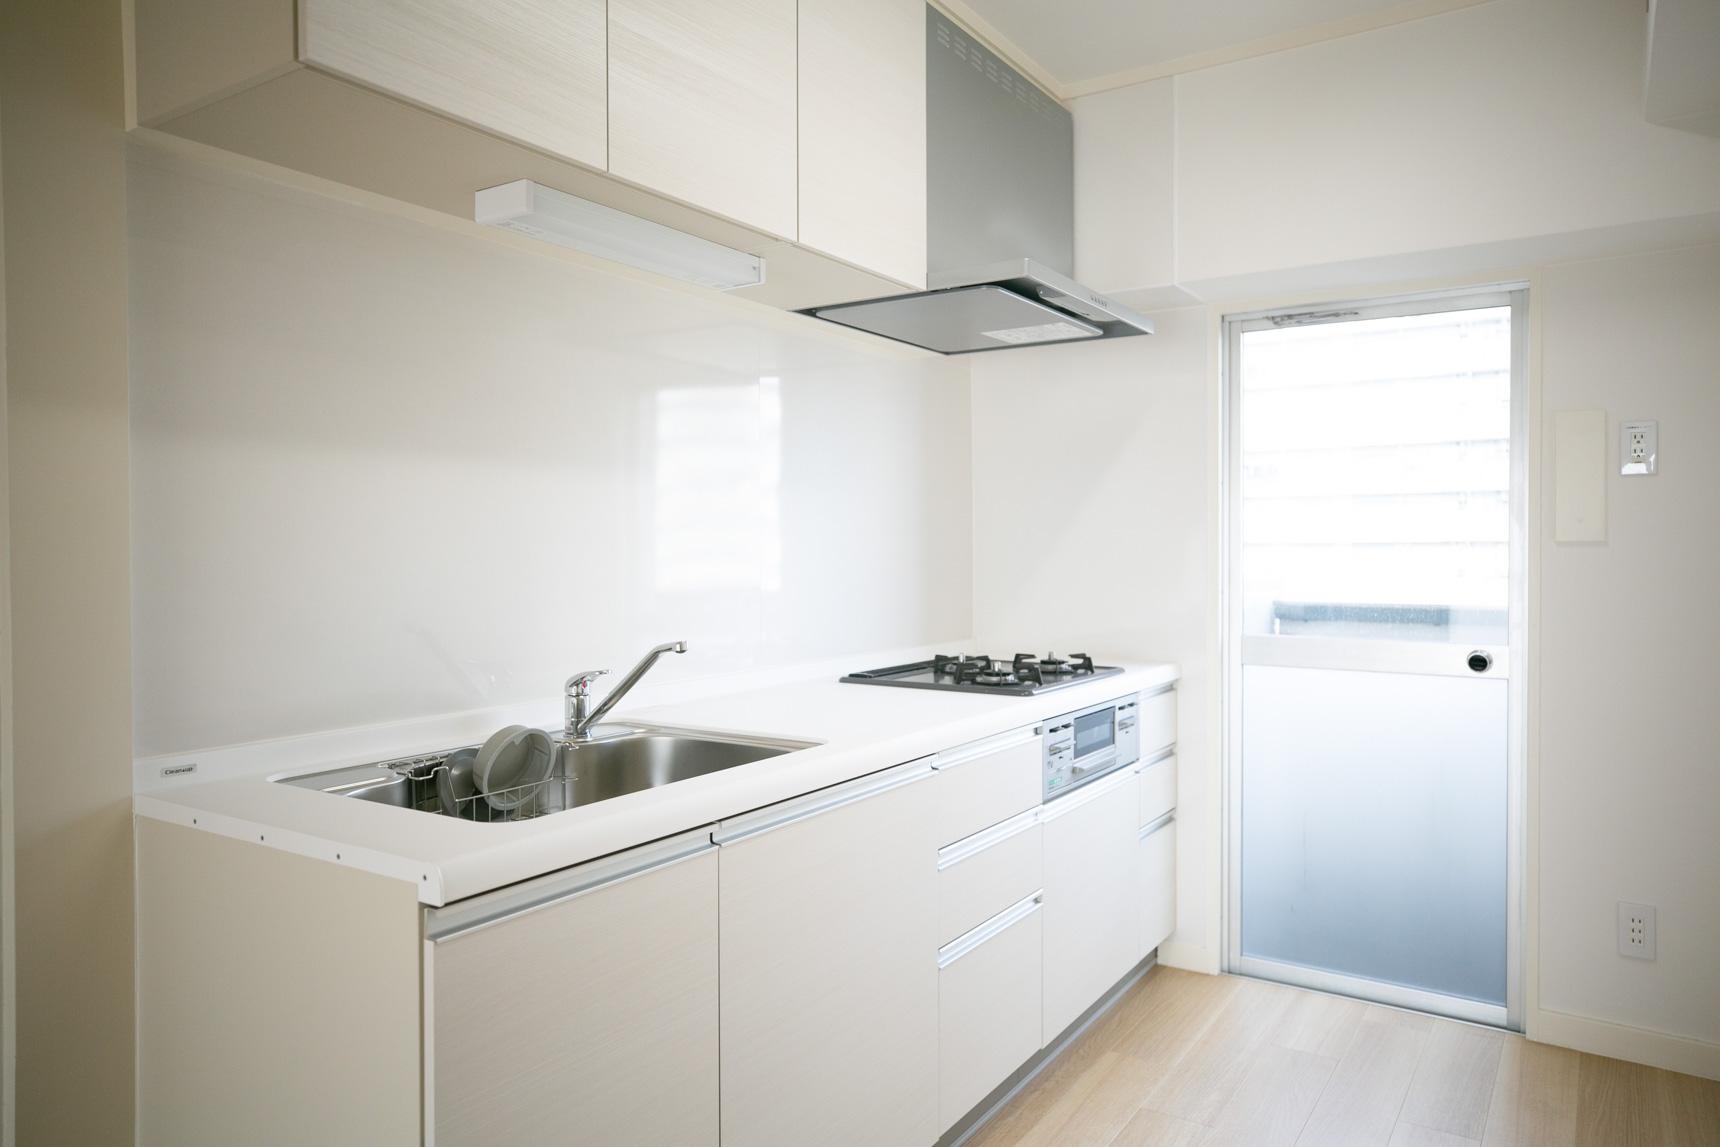 こちらは、デザインも良いガス3口の大きなシステムキッチンが設置されていました。MUJI×URのお部屋もこっちもなかなか良さそう…迷ってしまいますね。